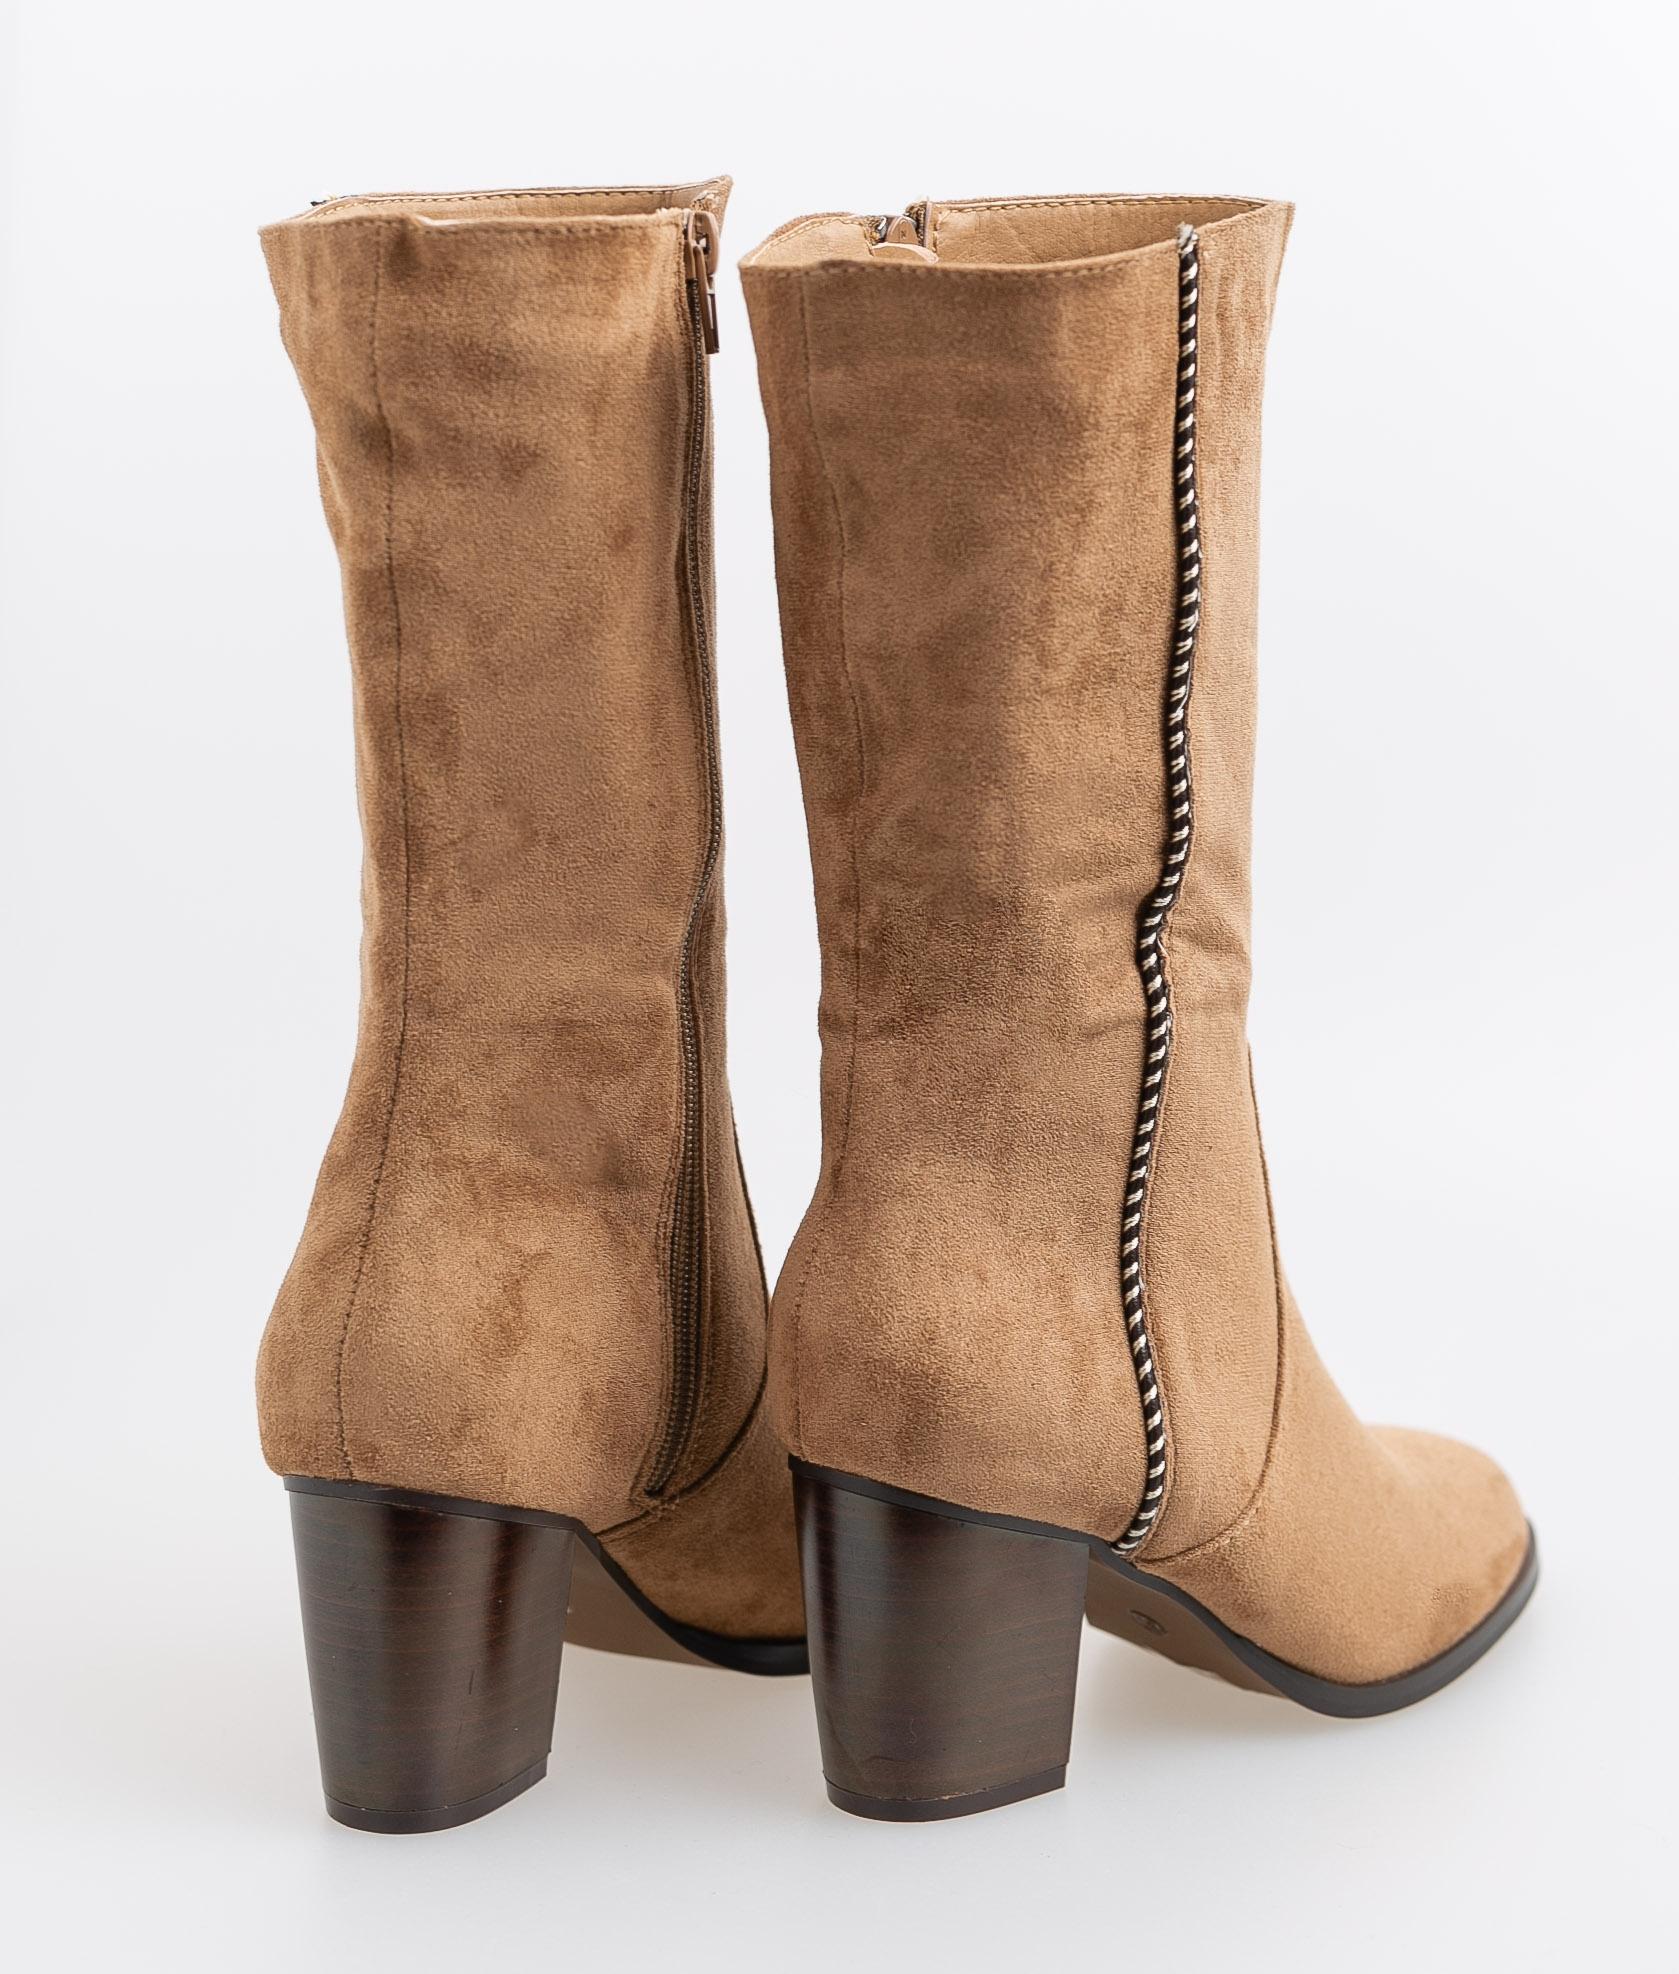 Zermat Low Boot - Camel